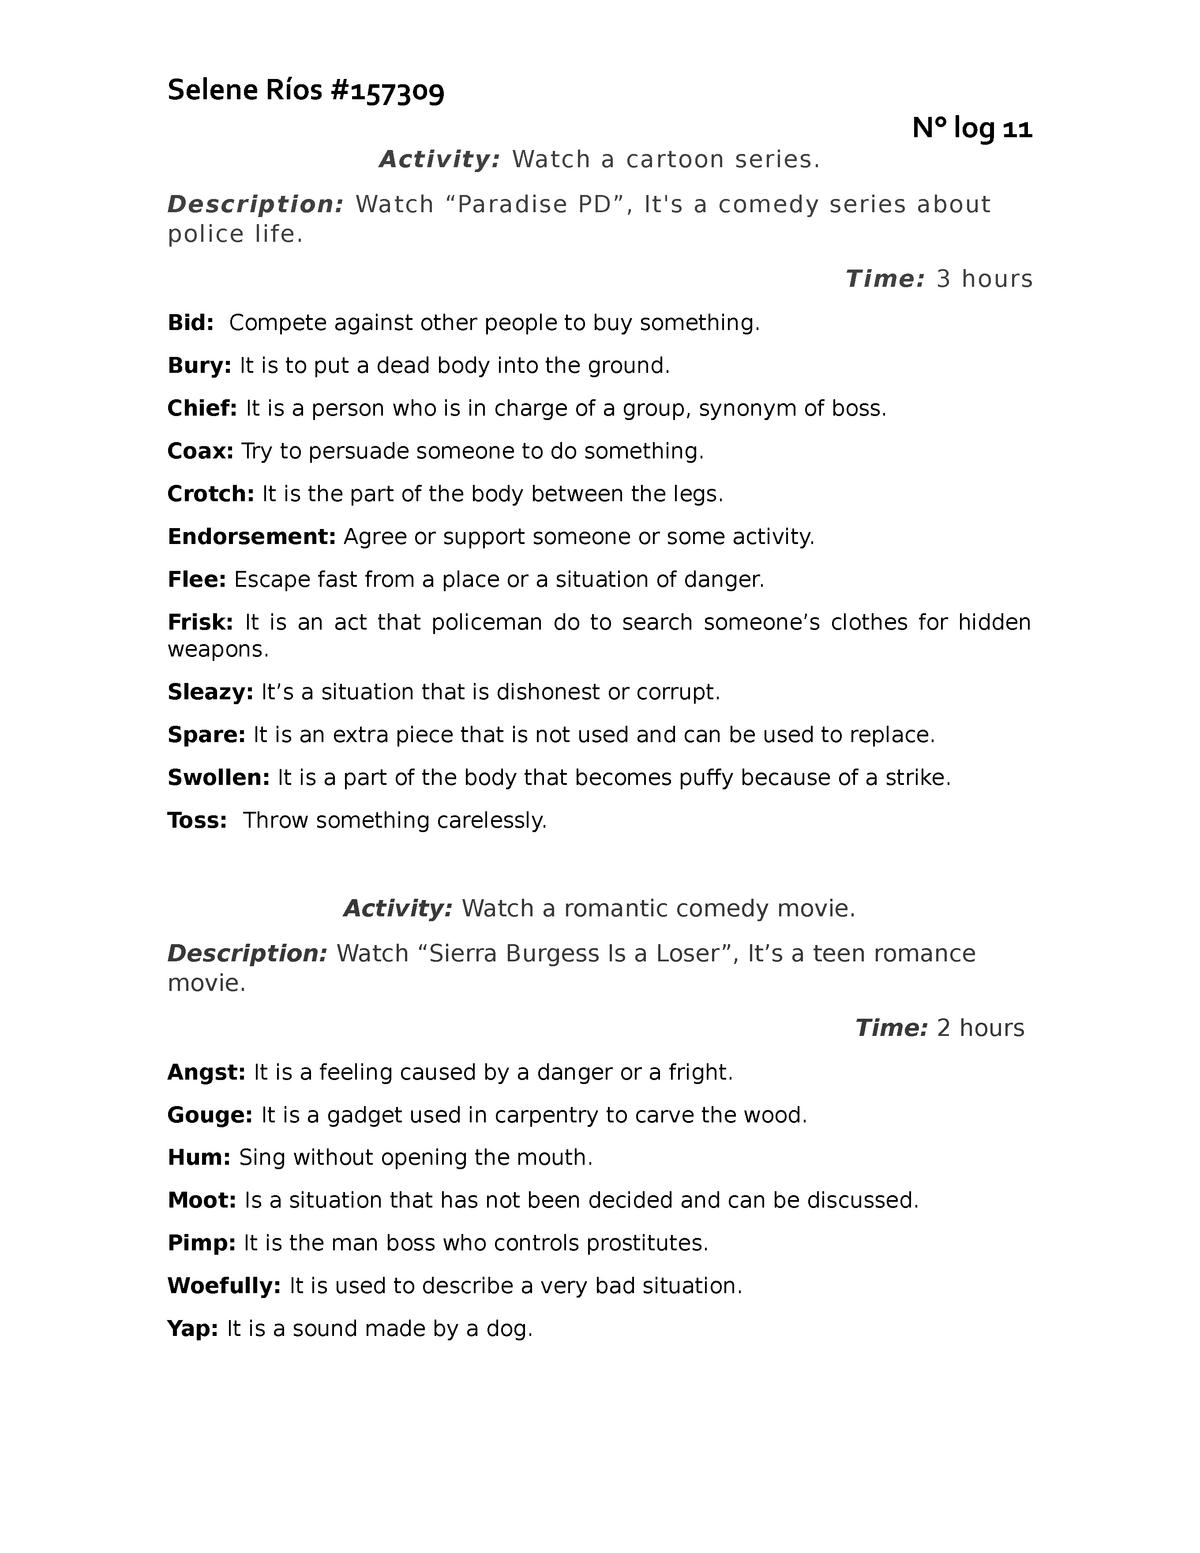 Log 11 - Palabras complejas descritas explicita mente con